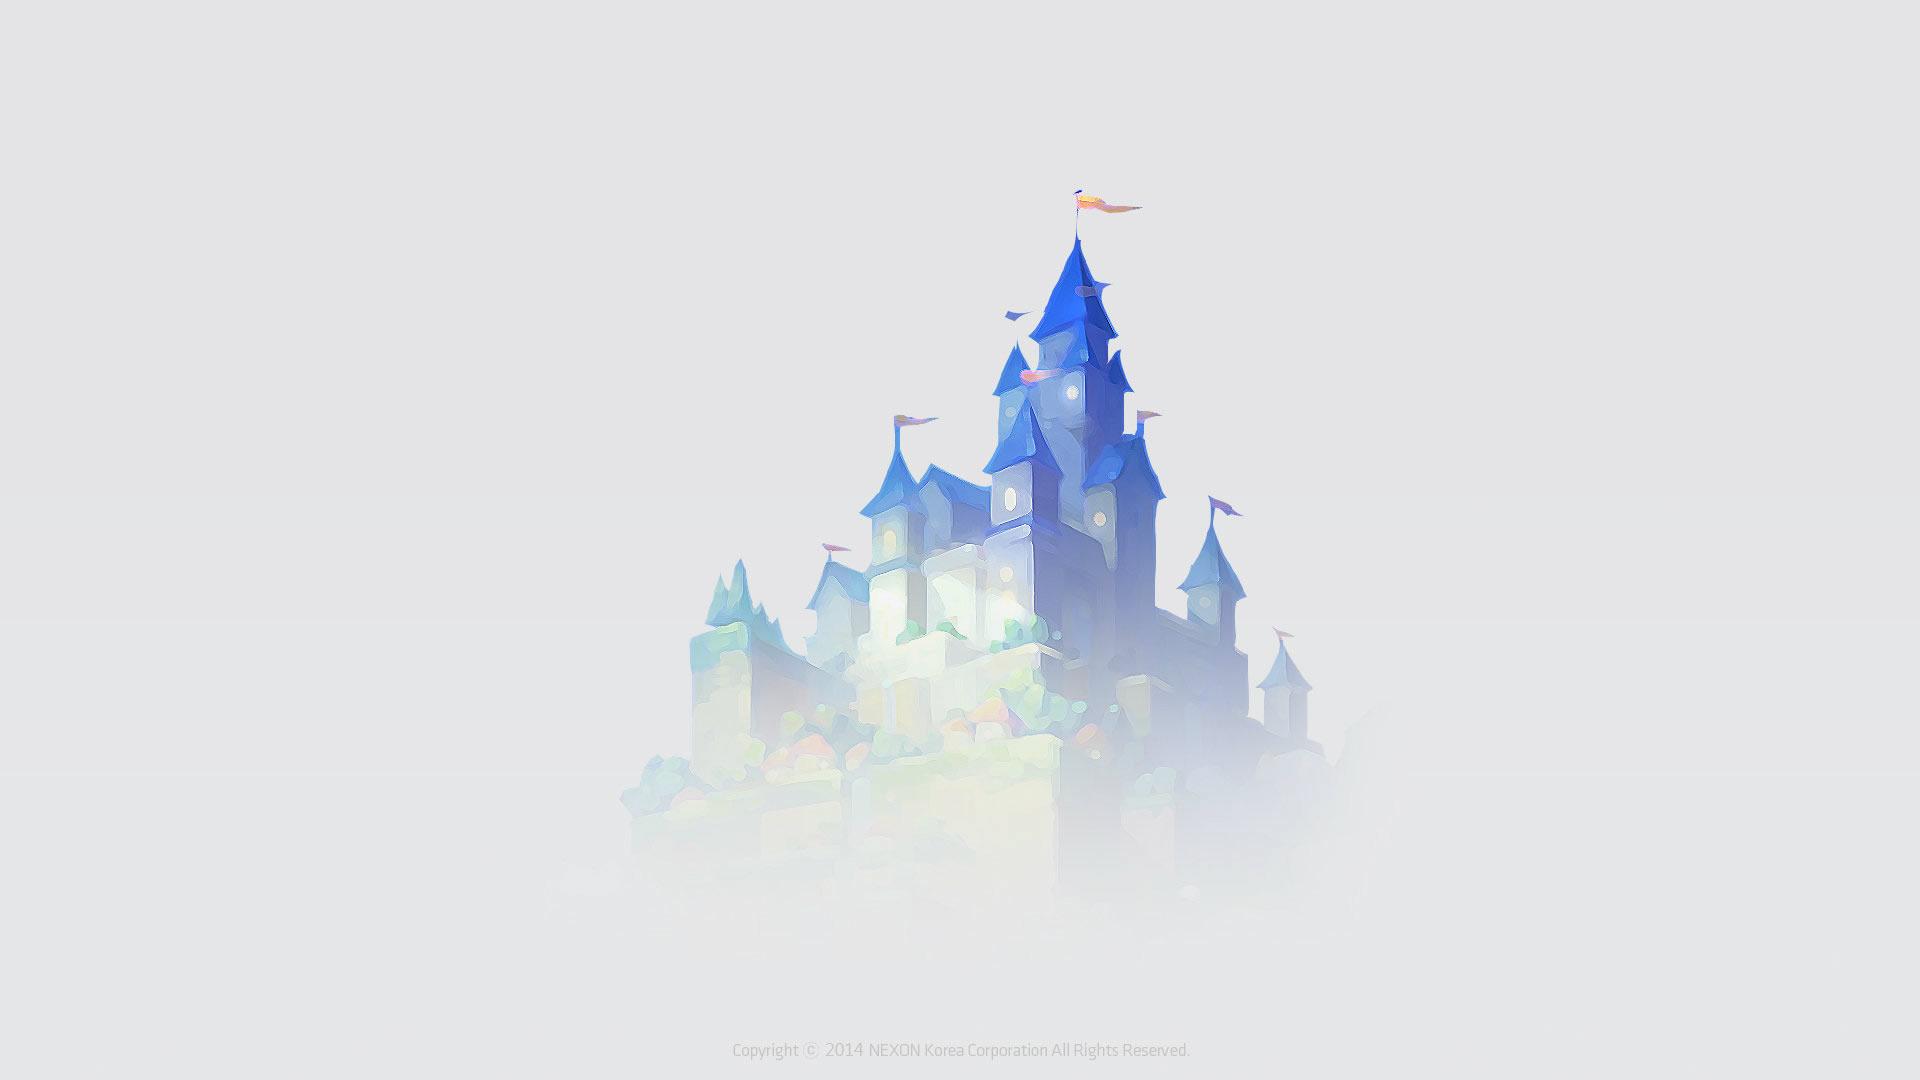 《冒险岛2》游戏原画壁纸